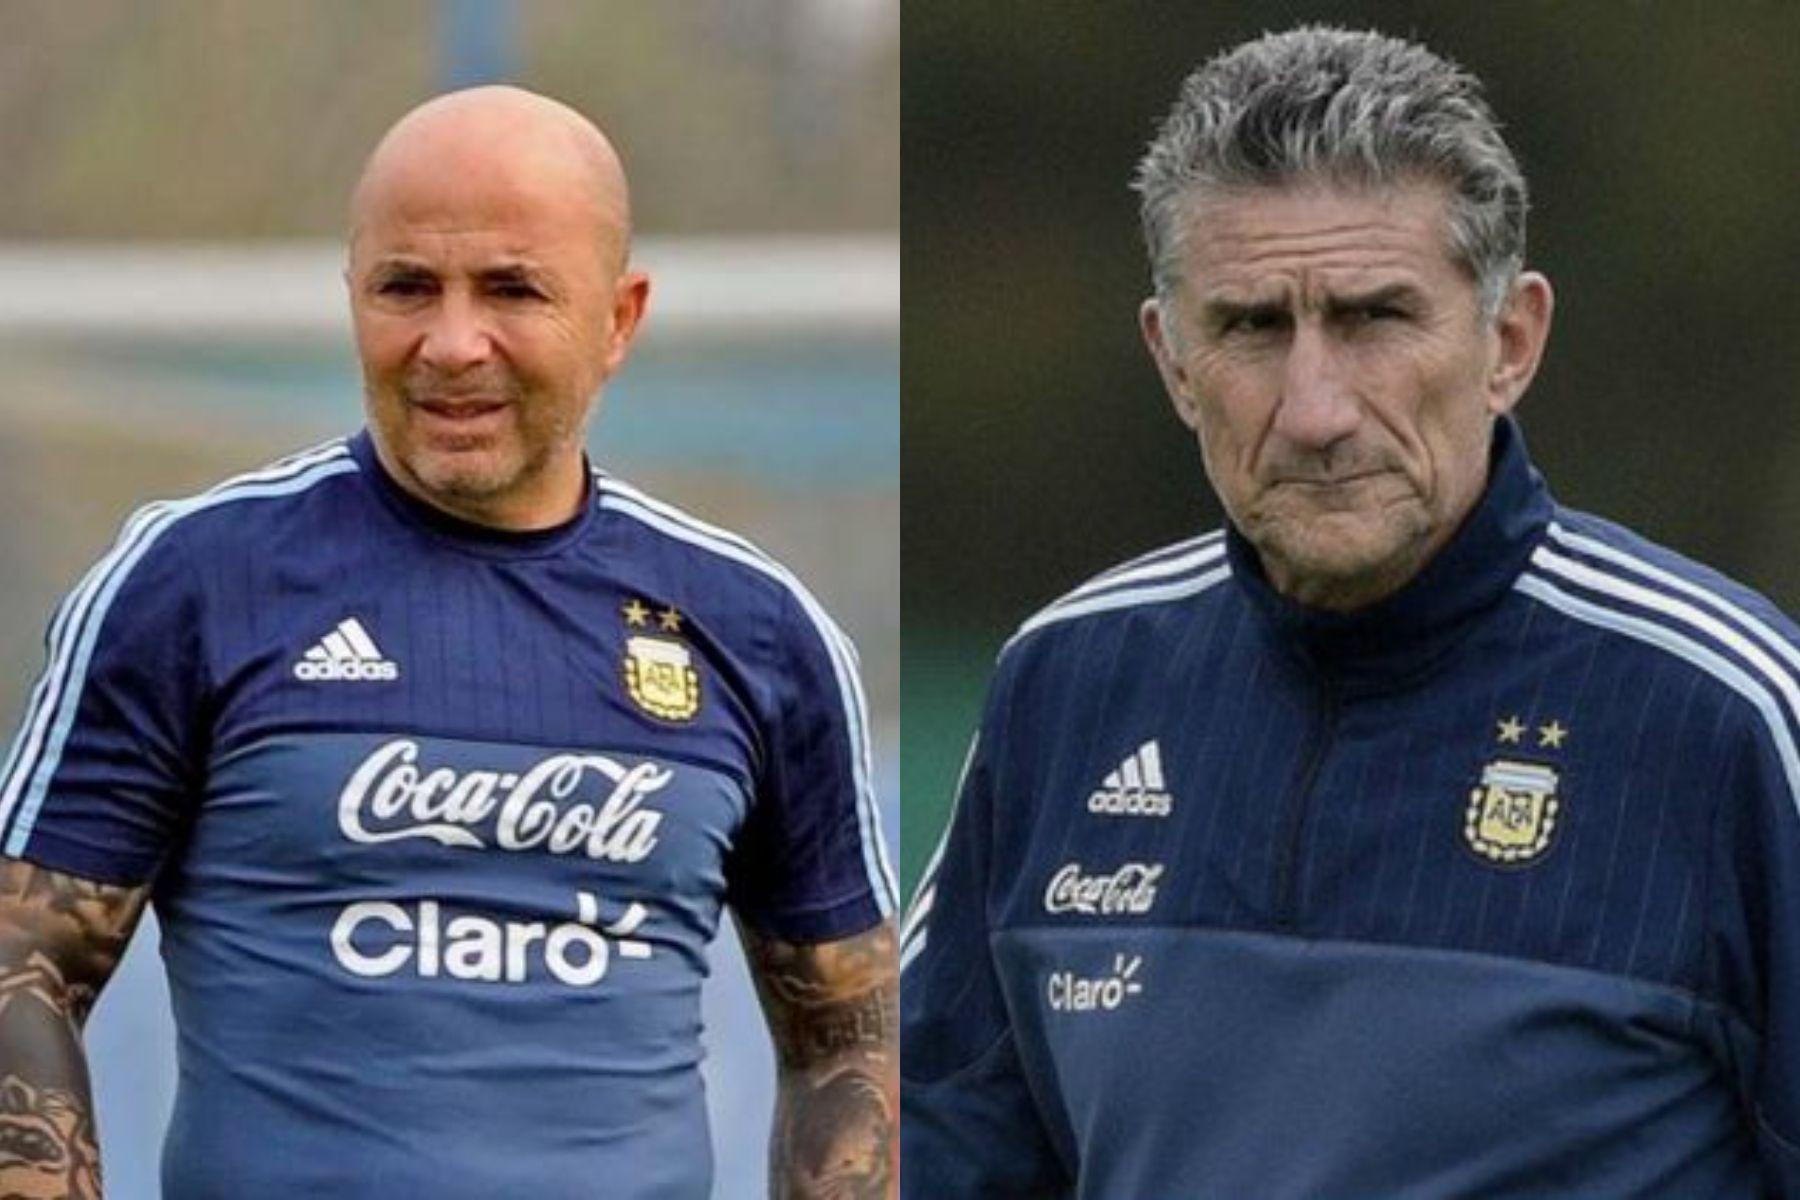 El cruce entre los representantes de Sampaoli y Bauza tras la eliminación de Argentina